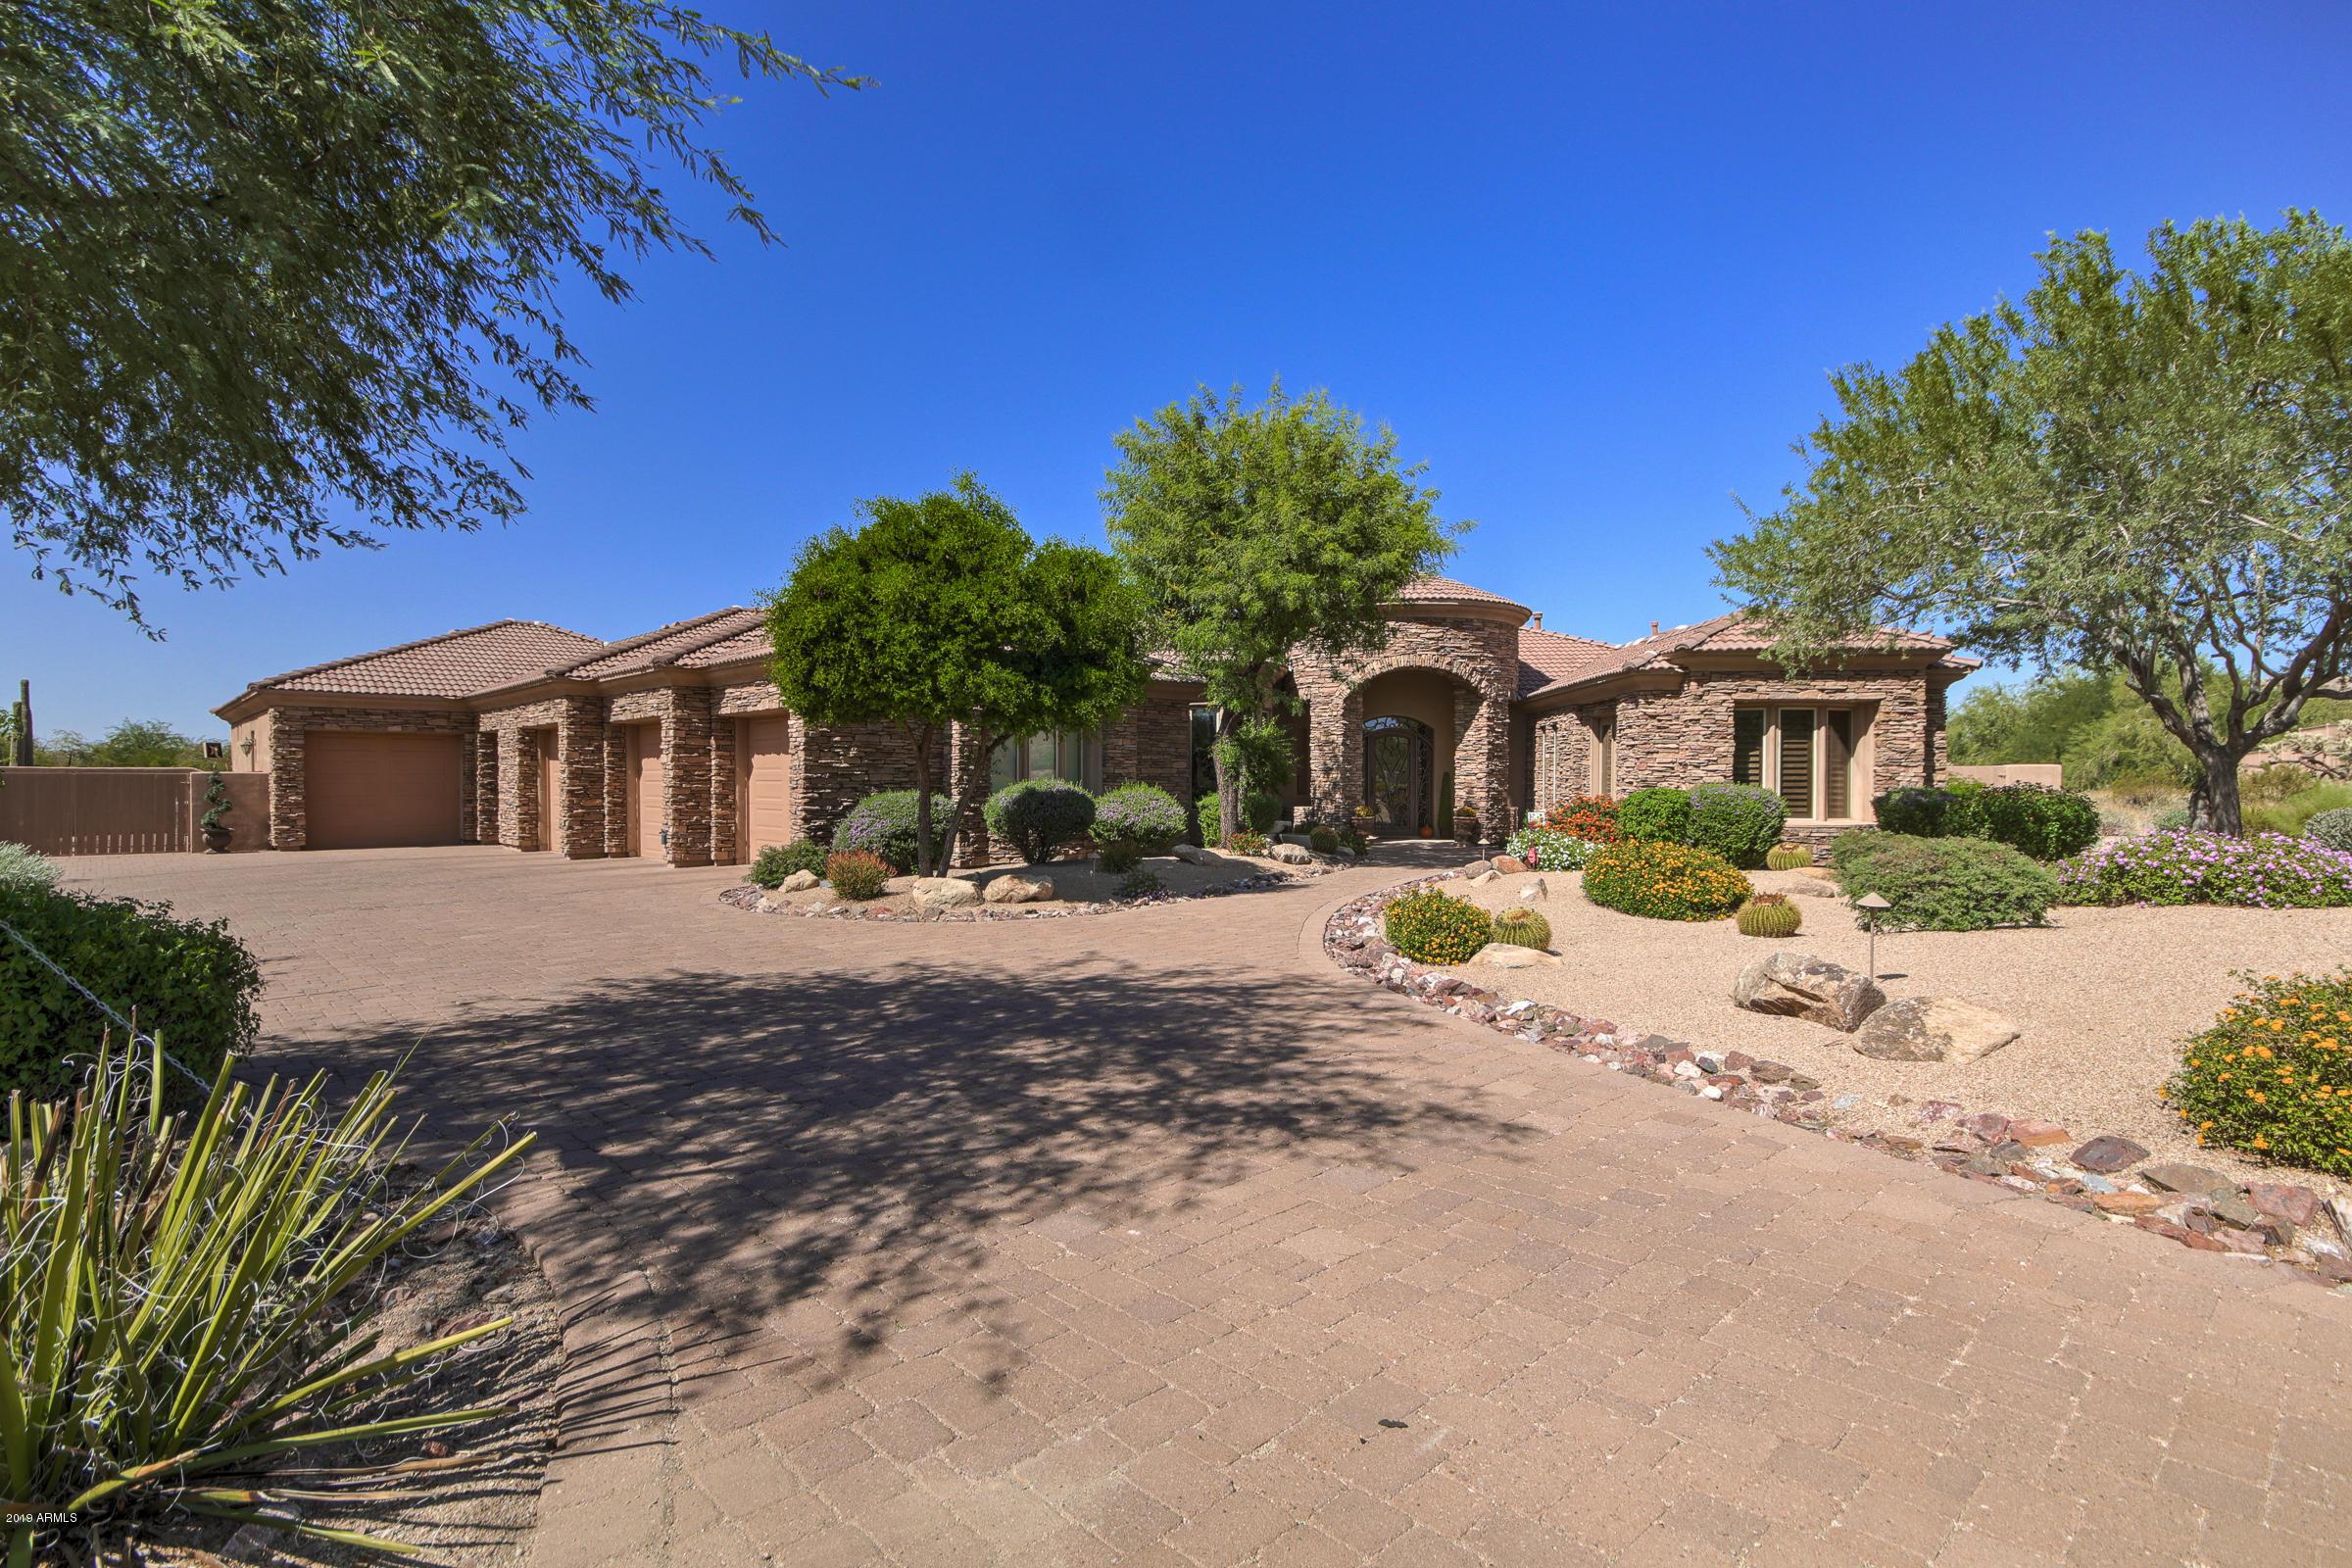 Photo of 4024 N PINNACLE HILLS Circle, Mesa, AZ 85207